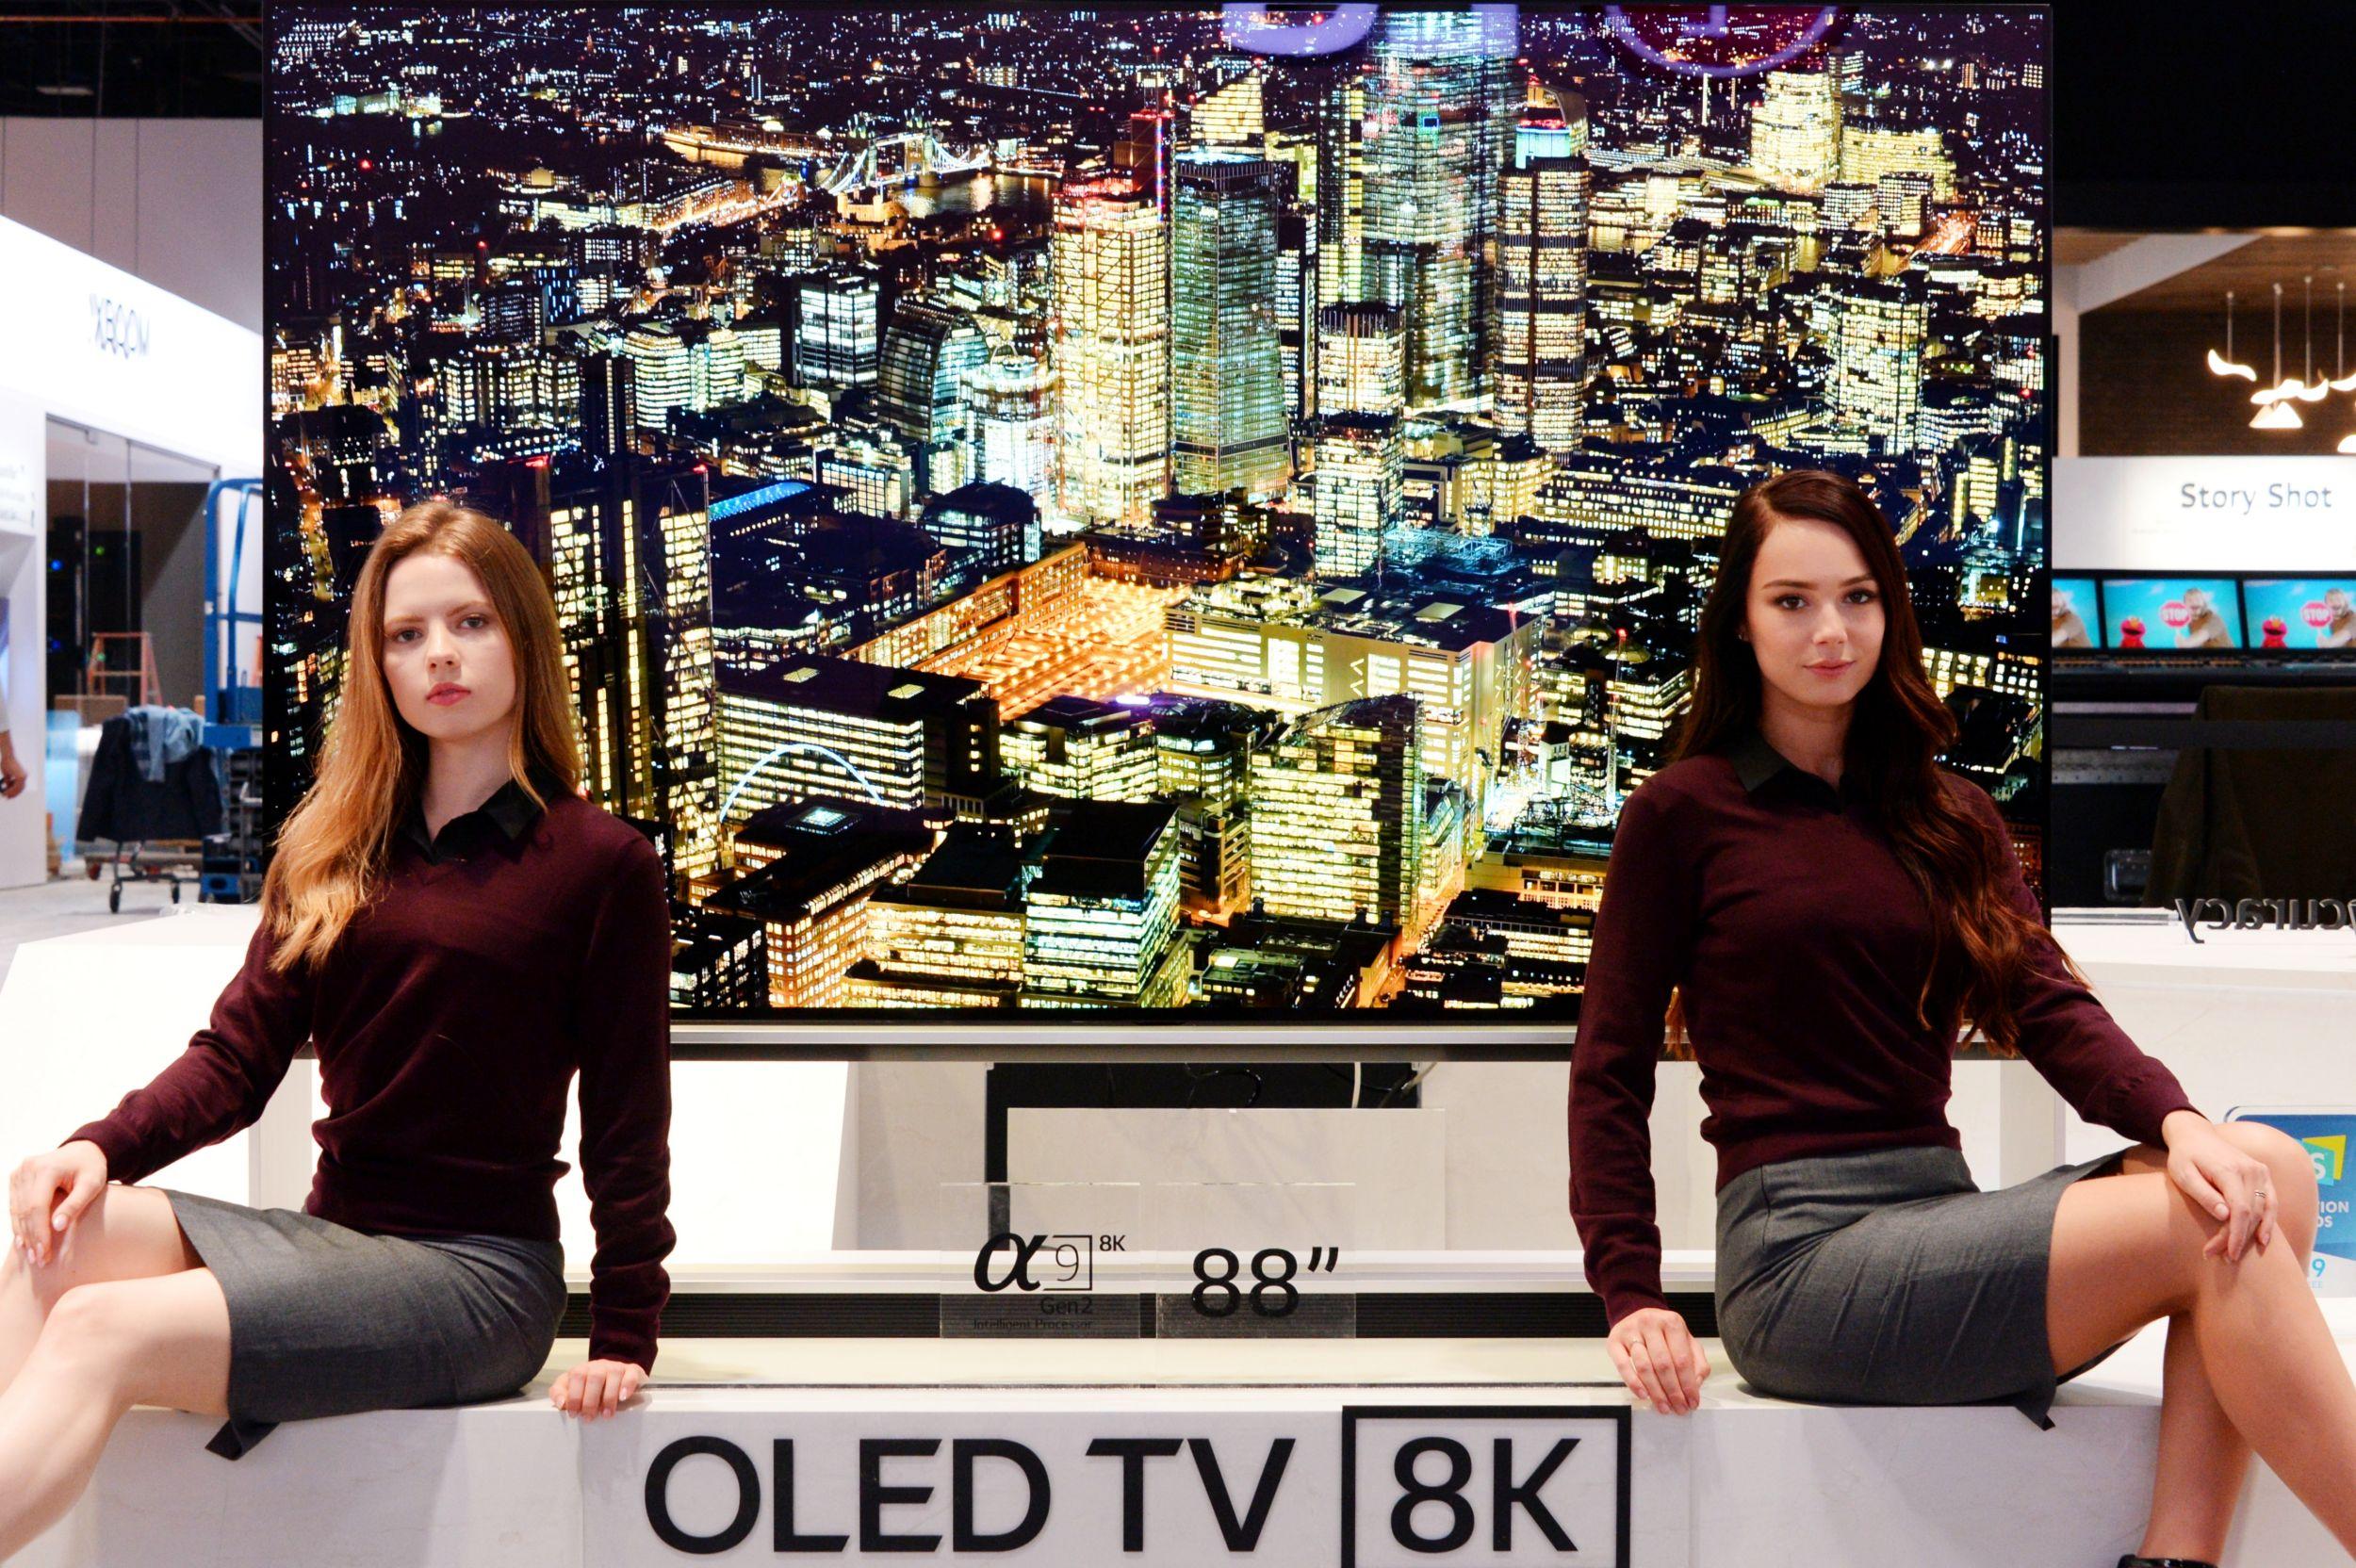 8일부터 미국 라스베이거스에서 열린 CES 2019 전시회에서 모델들이 세계 최초 8K 해상도를 구현한 LG전자 88인치 올레드 TV를 소개하고 있다.